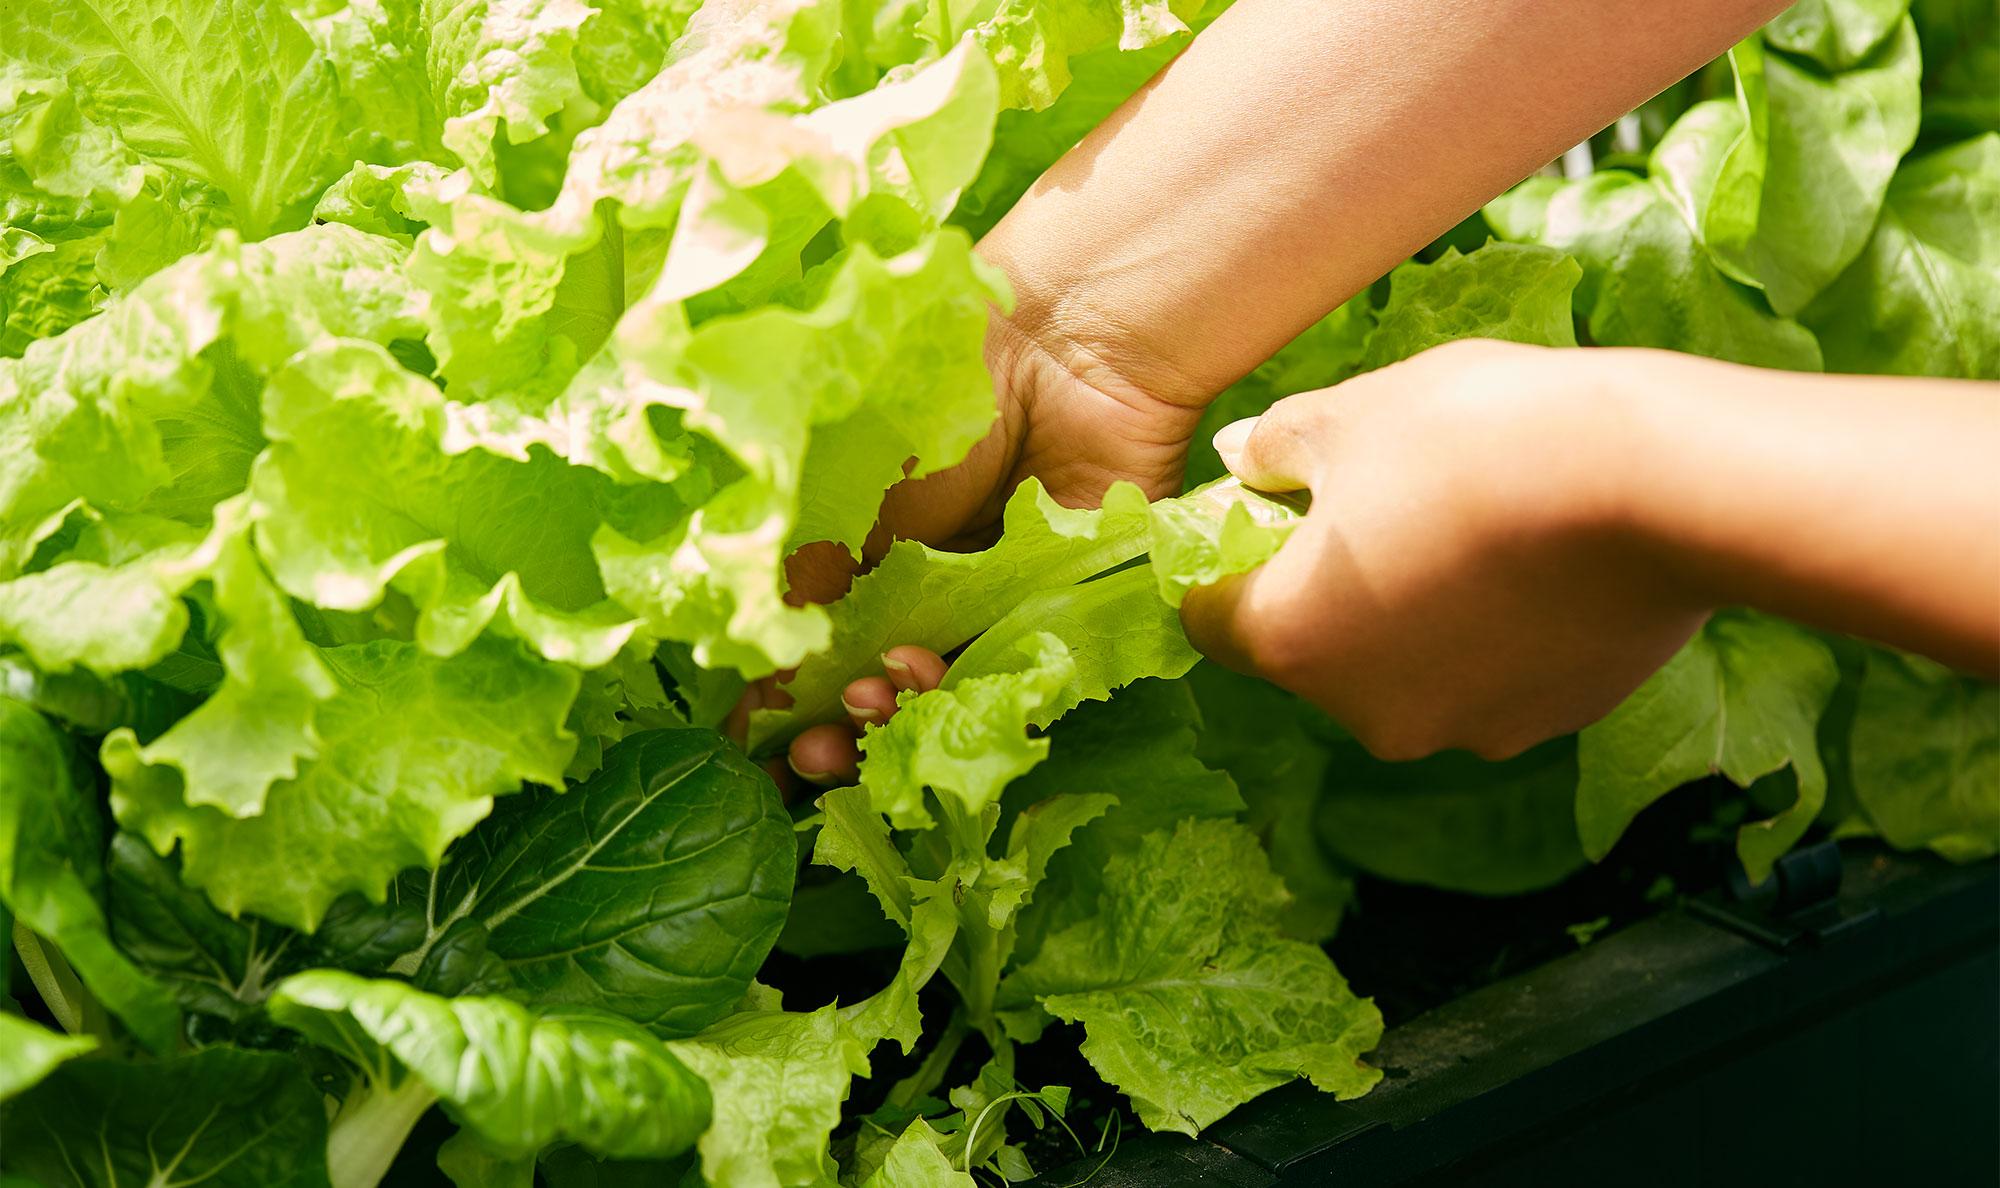 Harvesting lettuce leaves from the garden.